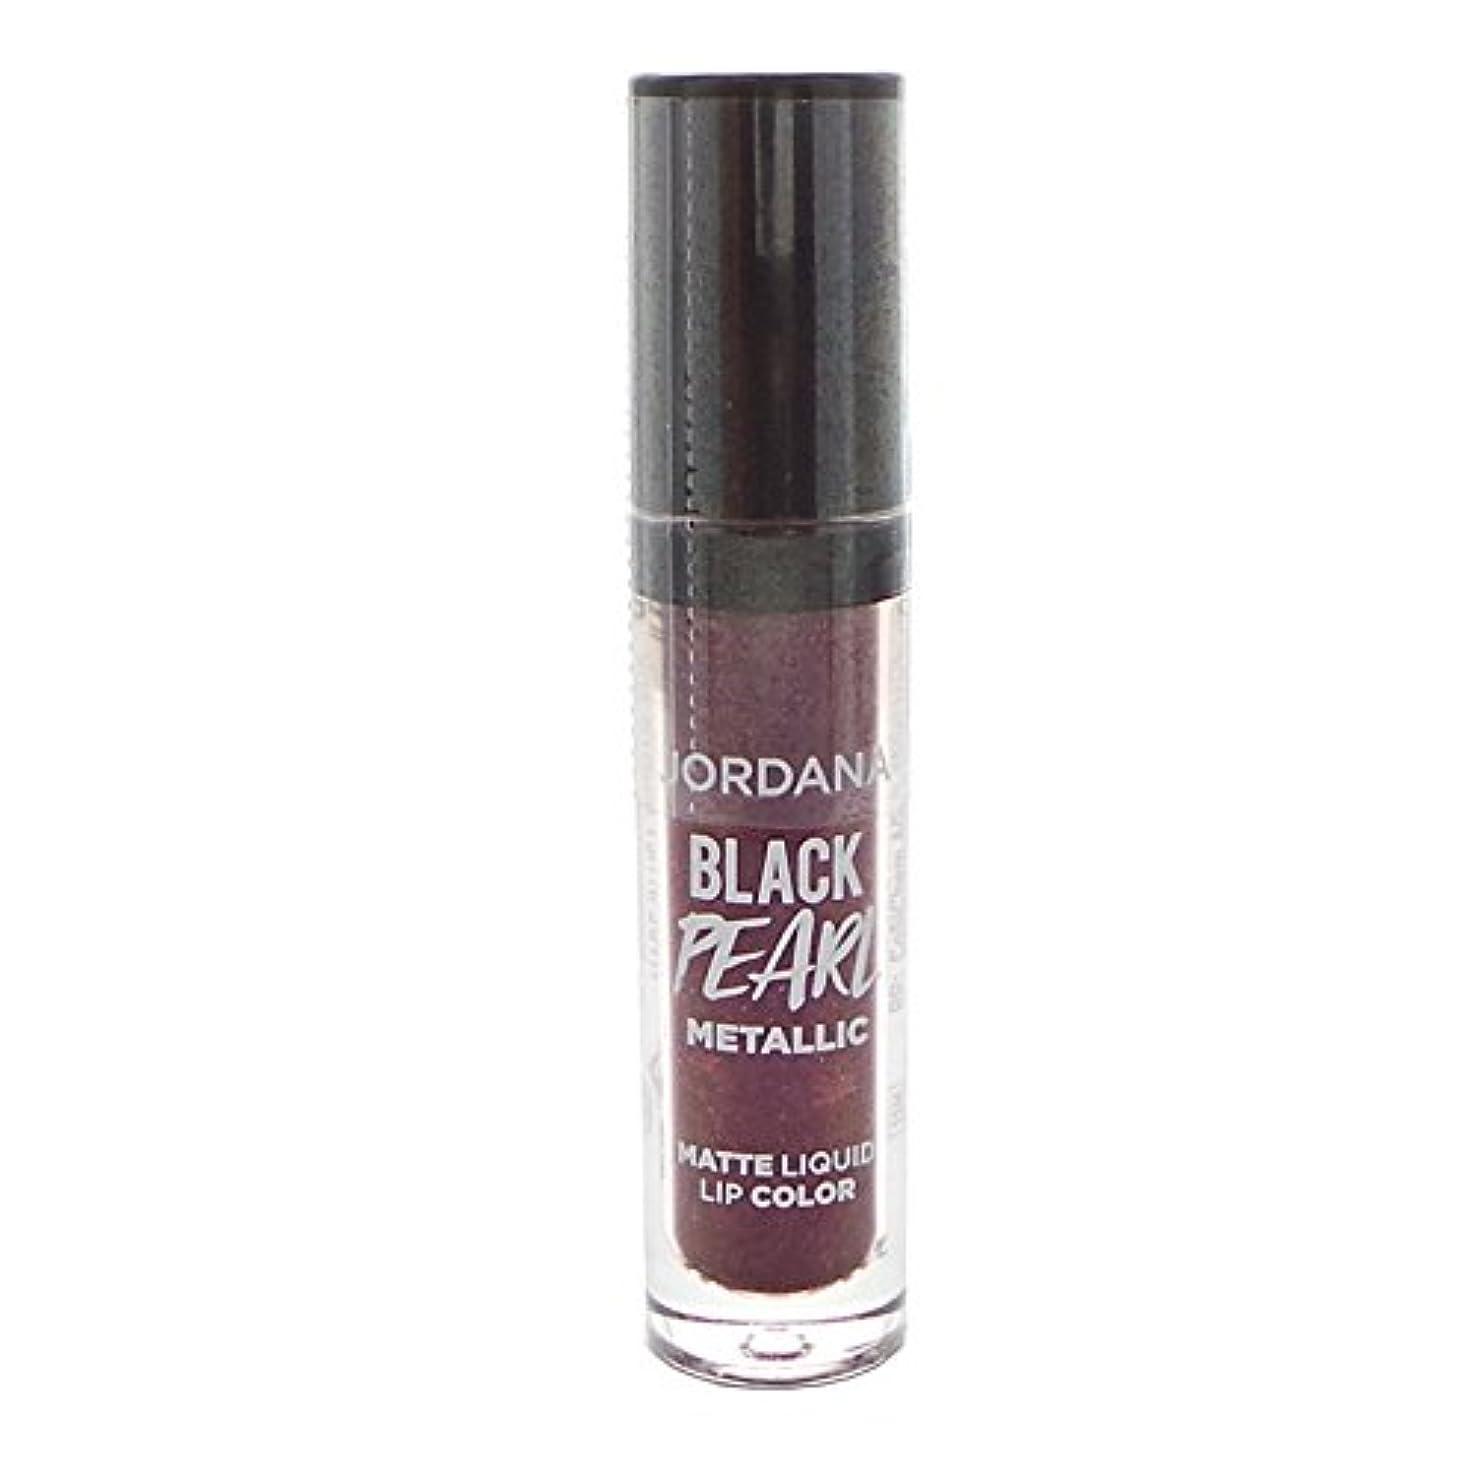 暫定気晴らしパノラマ(3 Pack) JORDANA Black Limited Edition Pearl Metallic Matte Liquid Lip Color - Hocus Pocus Plum (並行輸入品)